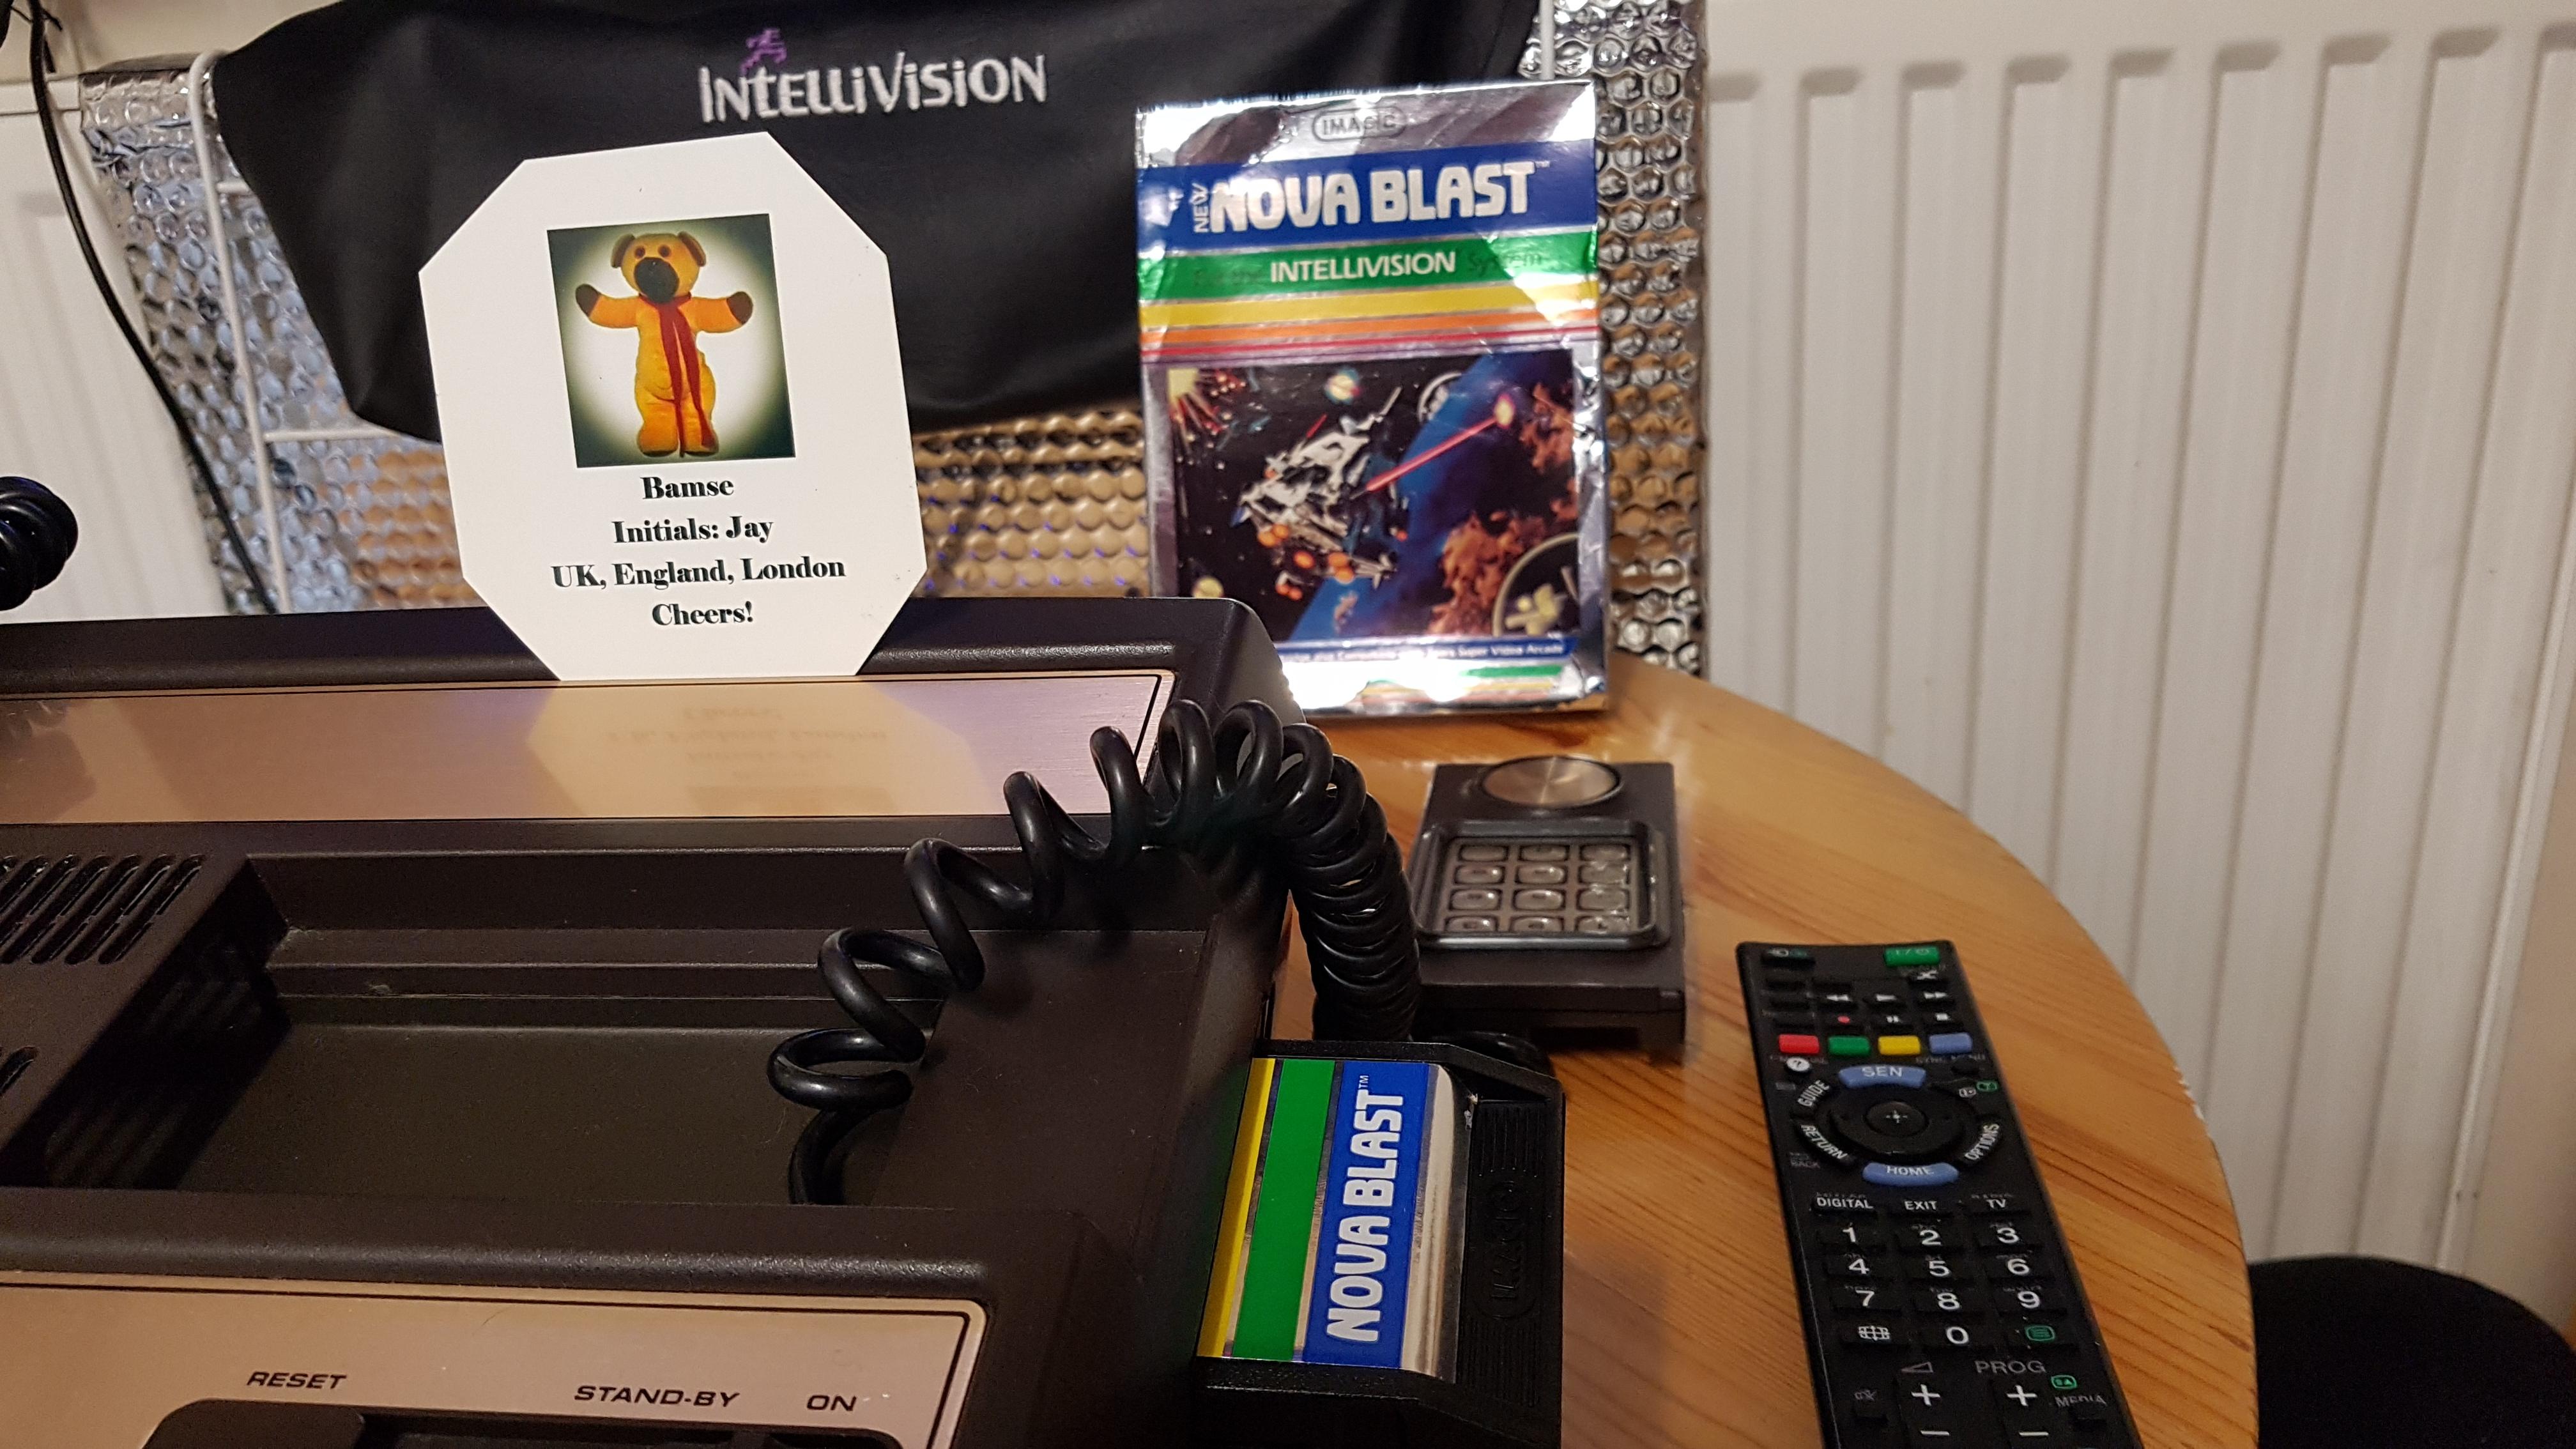 Bamse: Nova Blast (Intellivision) 59,850 points on 2019-01-09 06:53:45